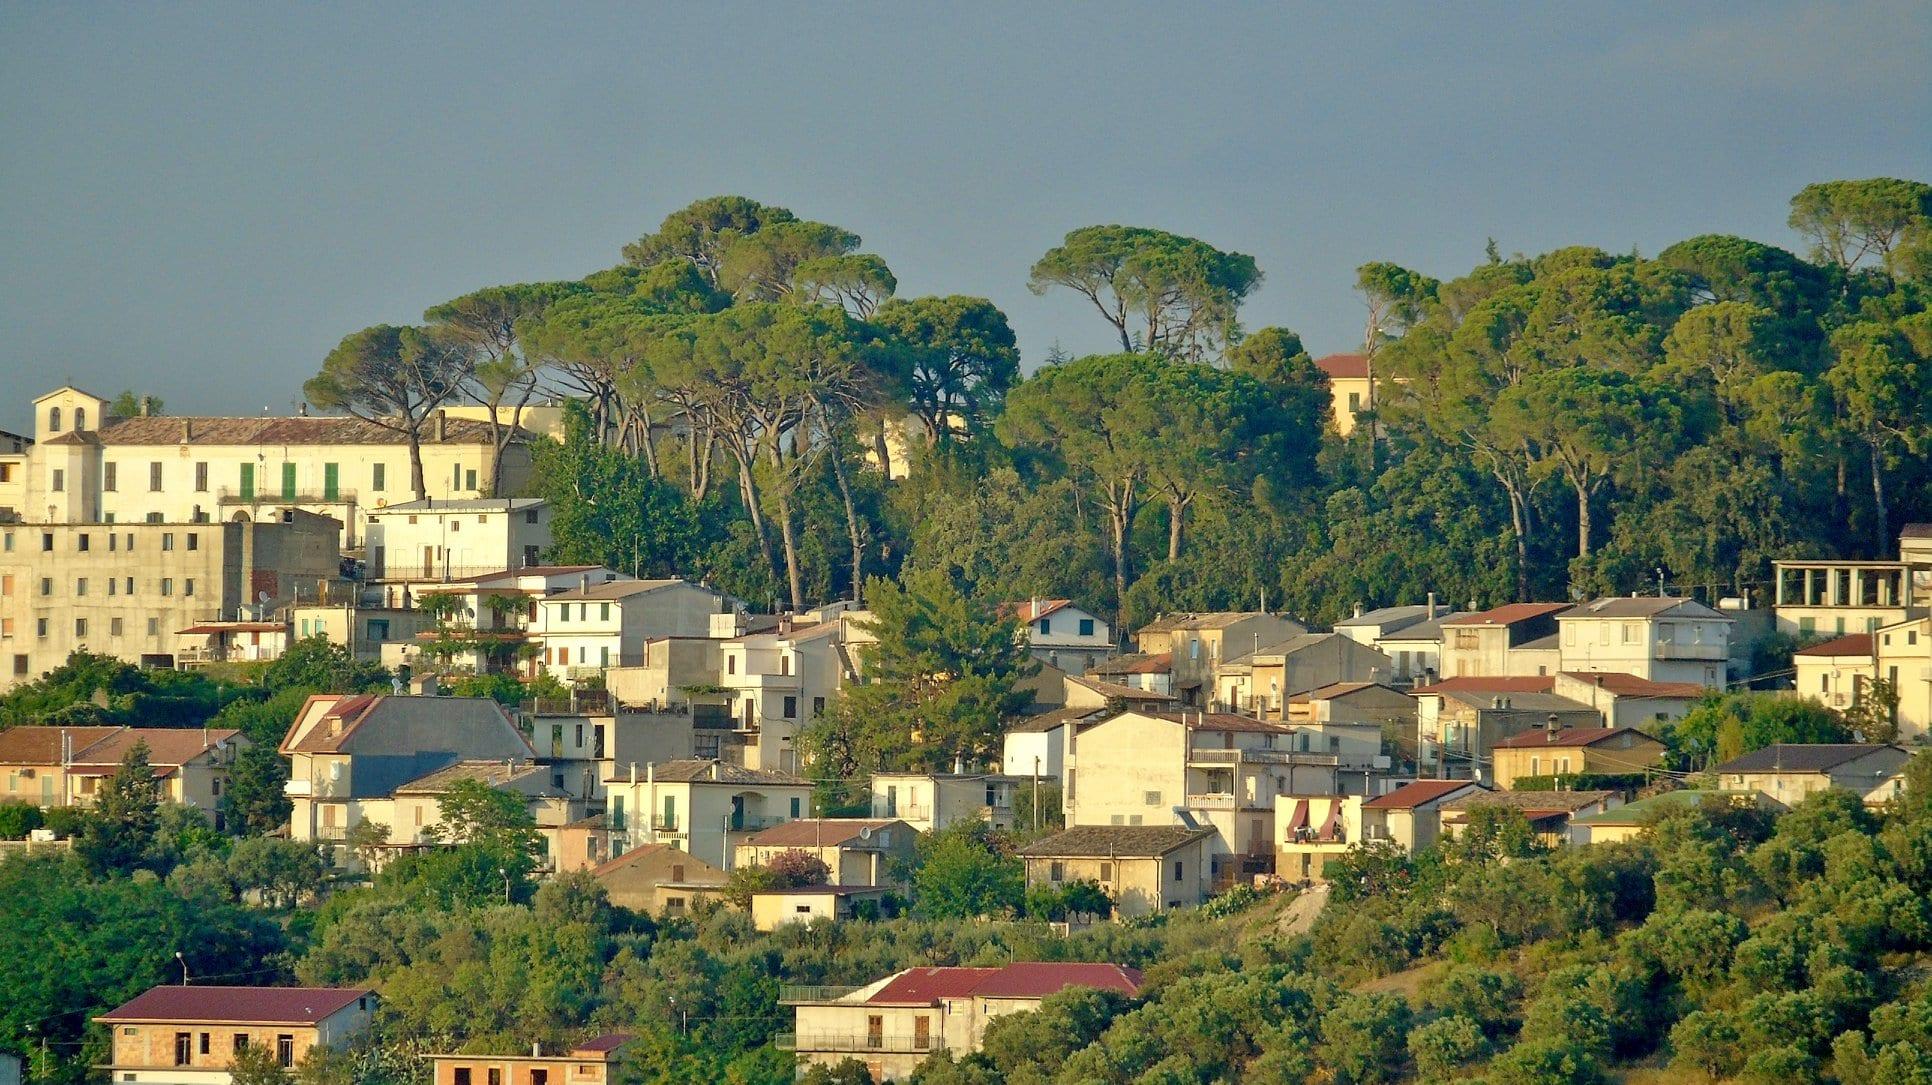 CROTONE_Borgo-di-Atilia_1